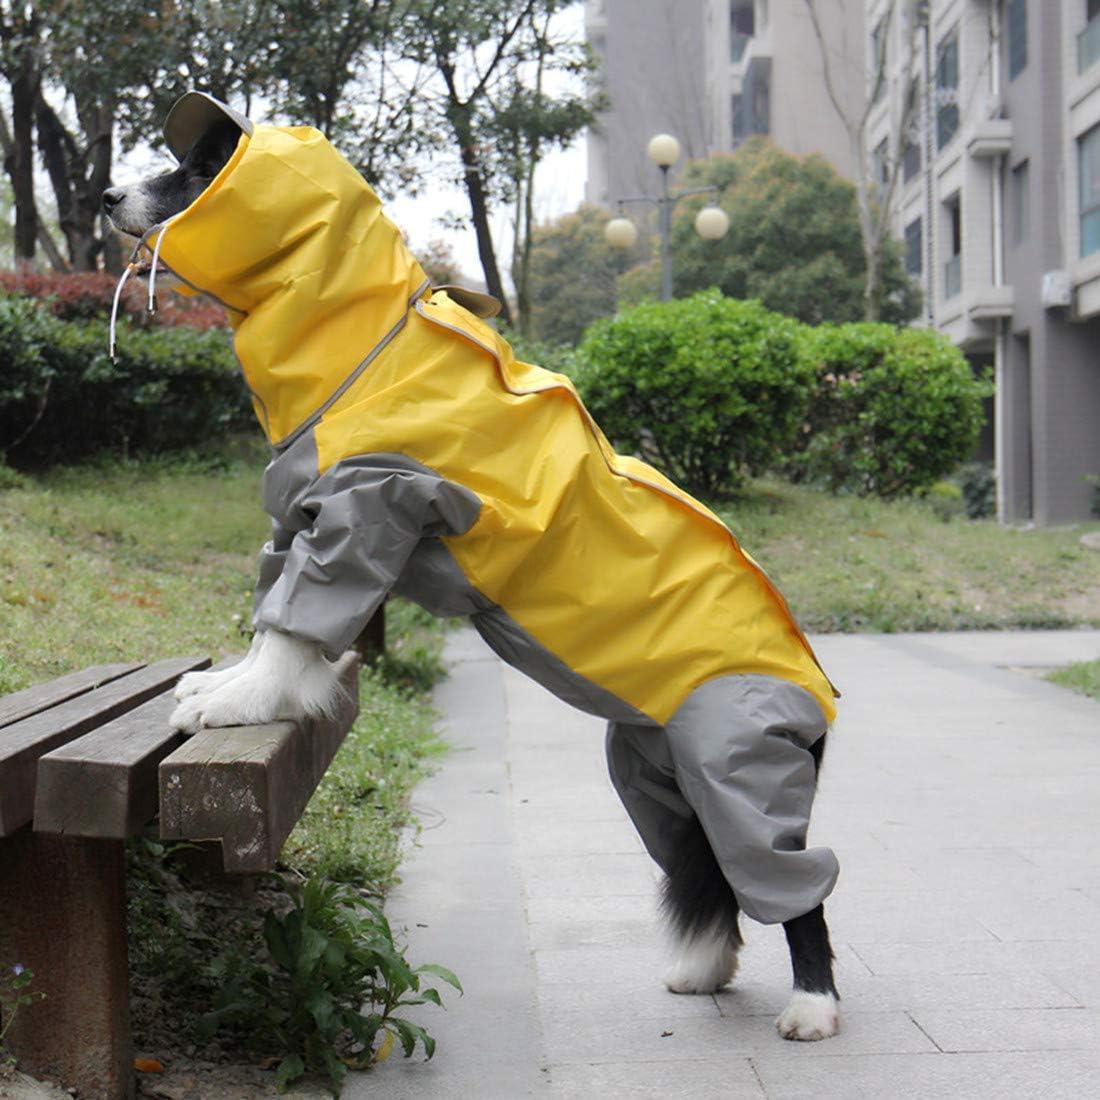 VICTORIE Mascota Perro Impermeables Chubasqueros Invierno Nieve Jacket con Capucha para Medianas y Grandes Perros Andar excursi/ón Acampada deambular verdor XL